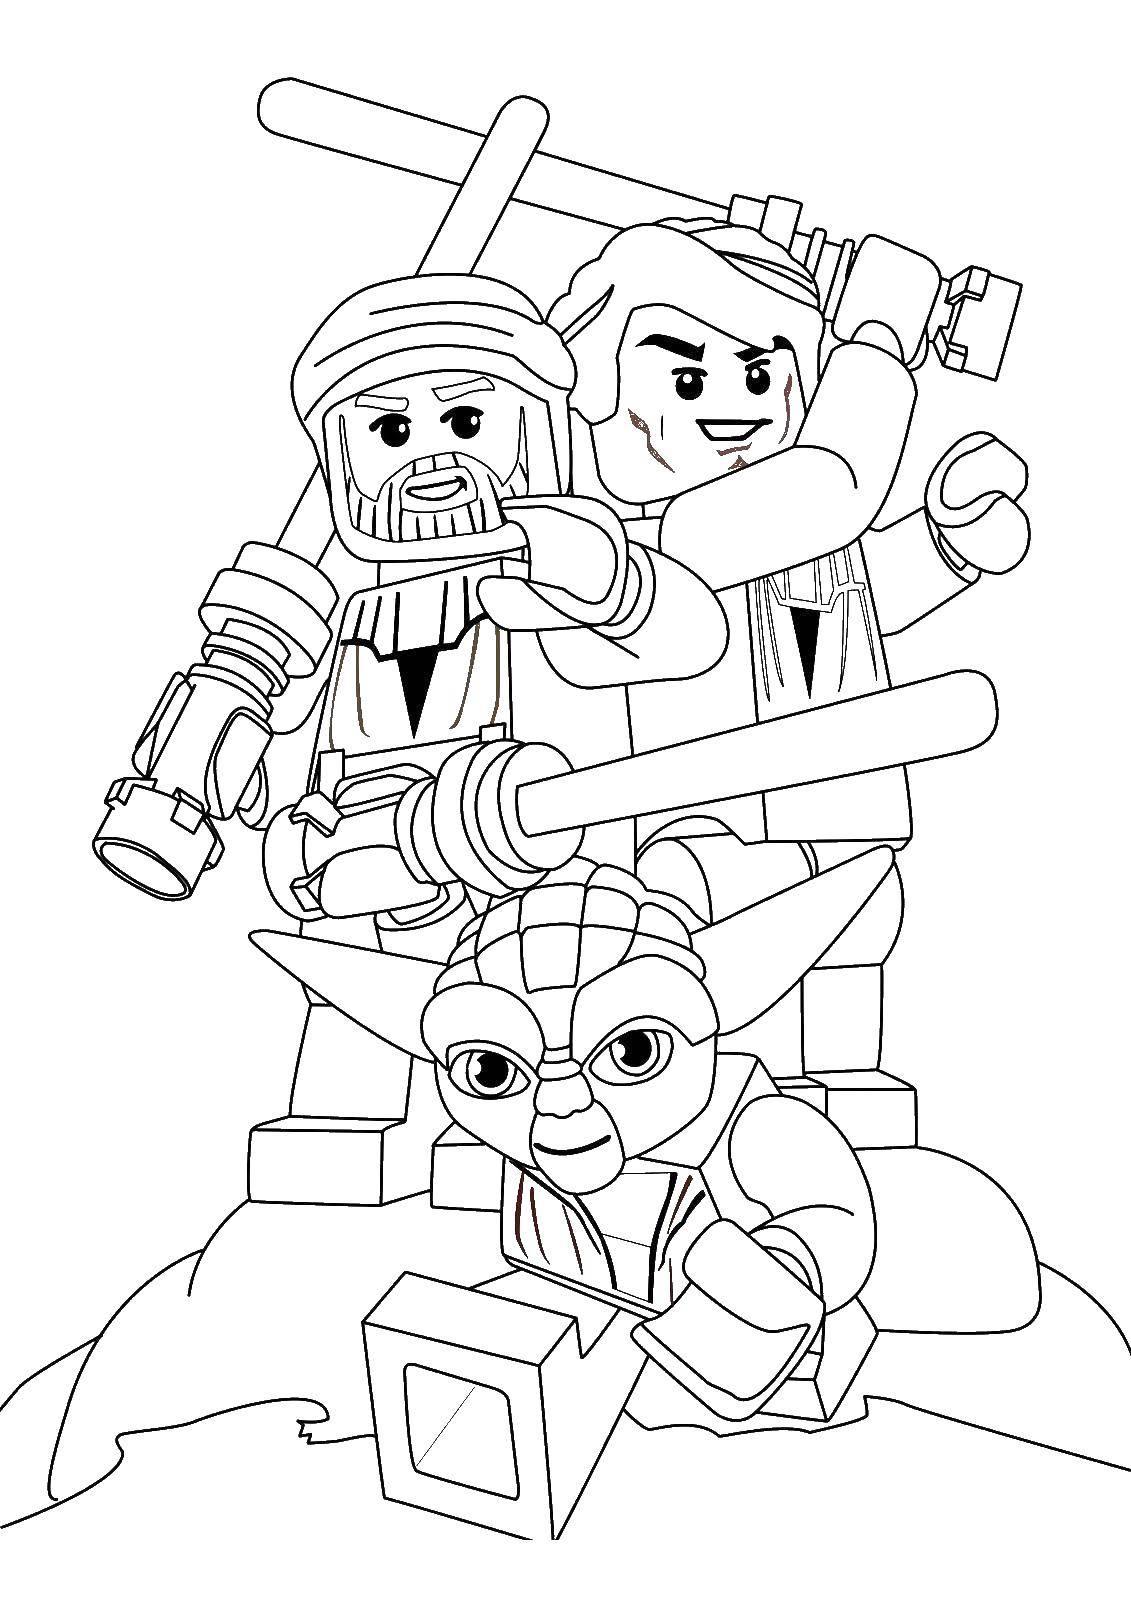 Раскраска Лего Скачать ,Персонаж из мультфильма,.  Распечатать